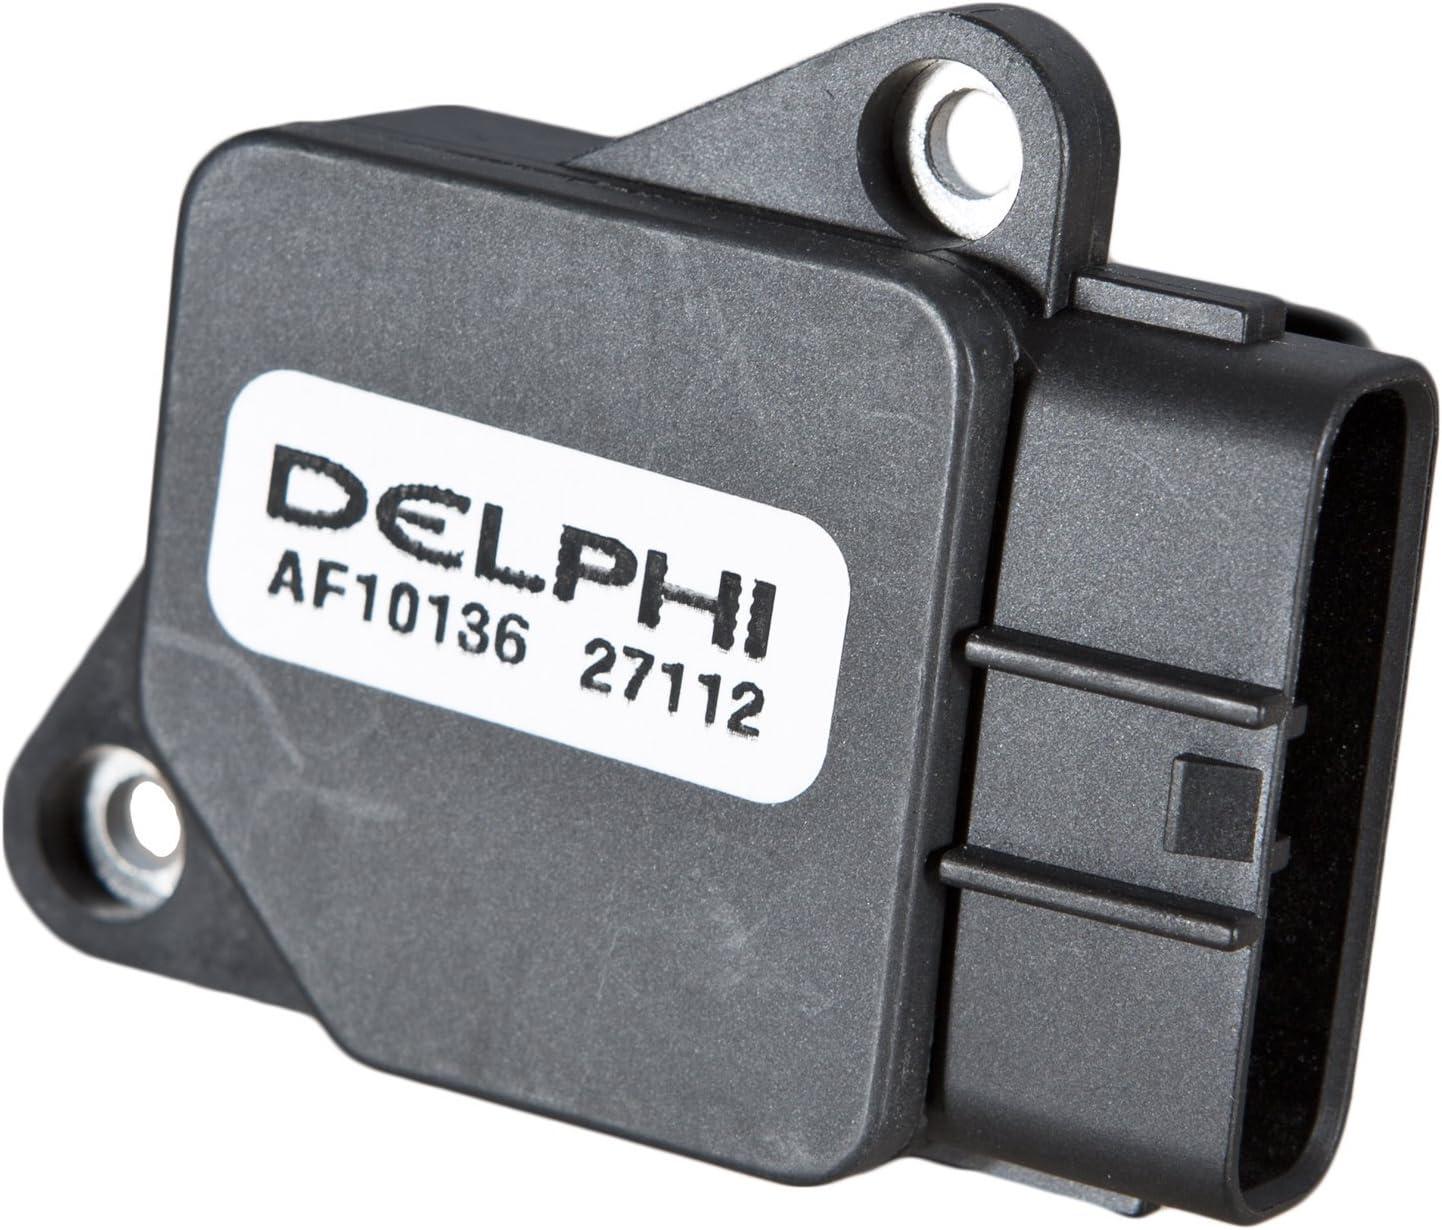 Delphi Af10136 11b1 Air Mass Meter Auto